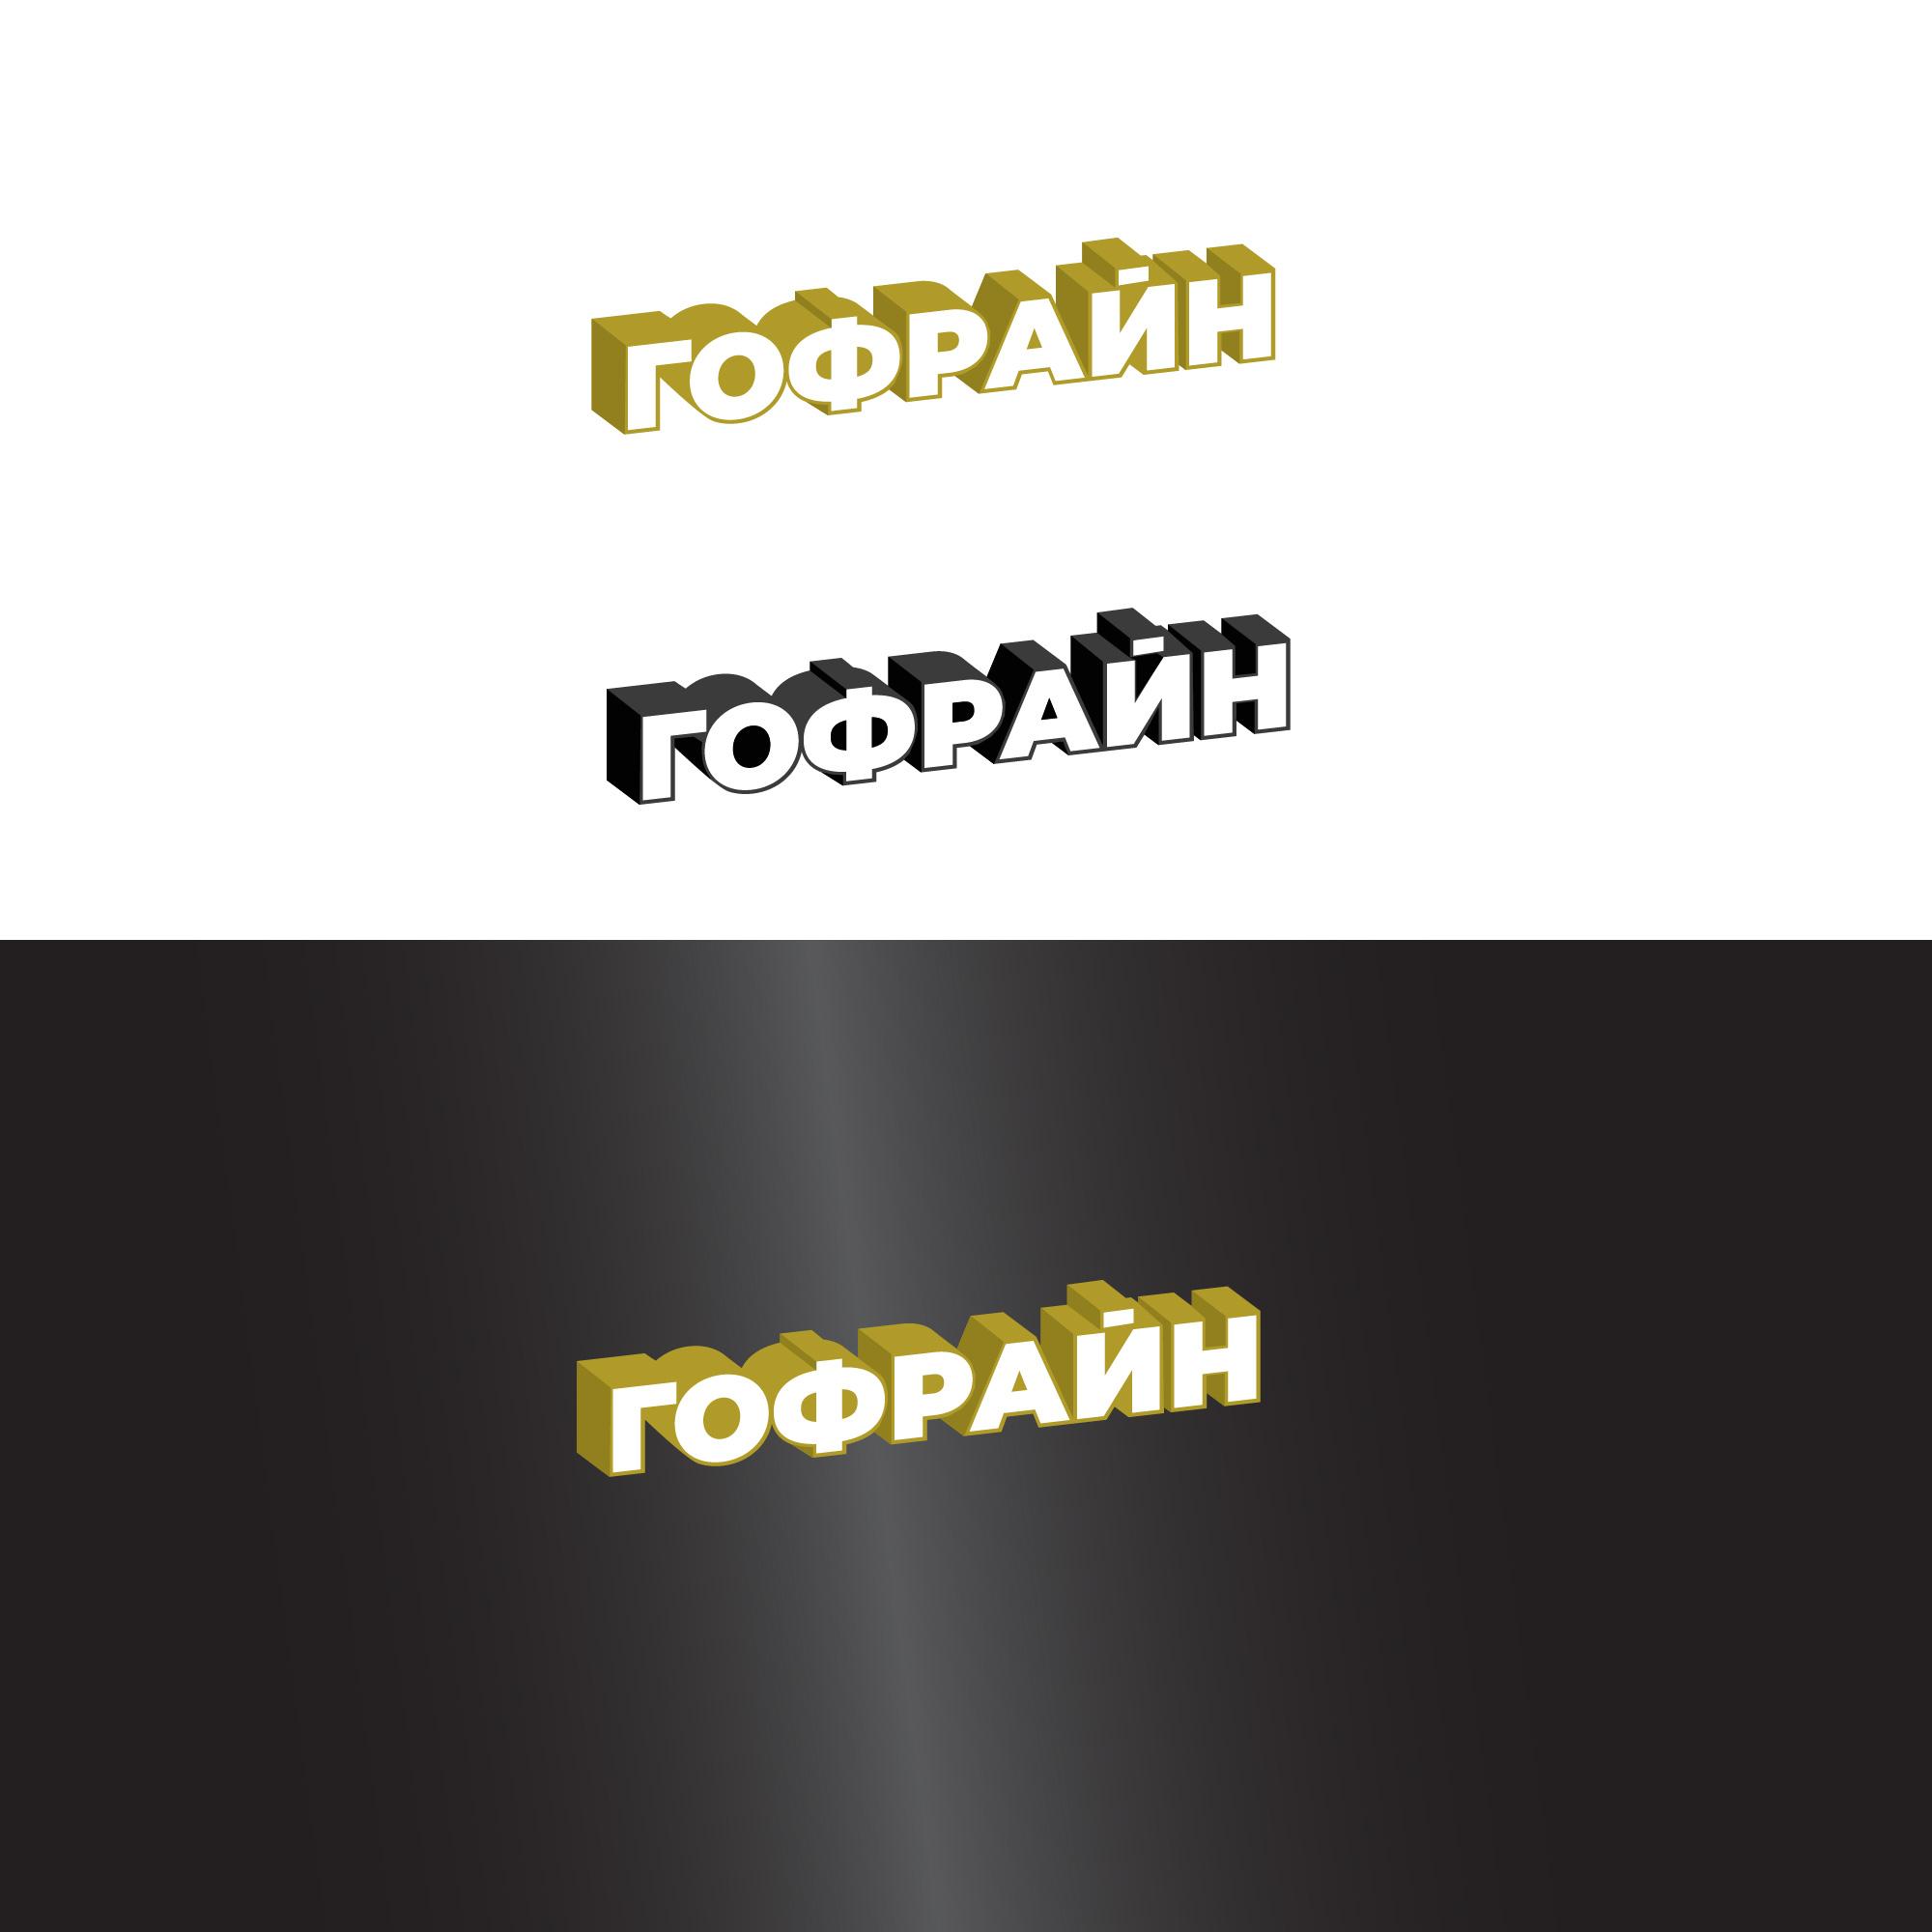 Логотип для компании по реализации упаковки из гофрокартона фото f_7225cdc521fcb1ff.jpg